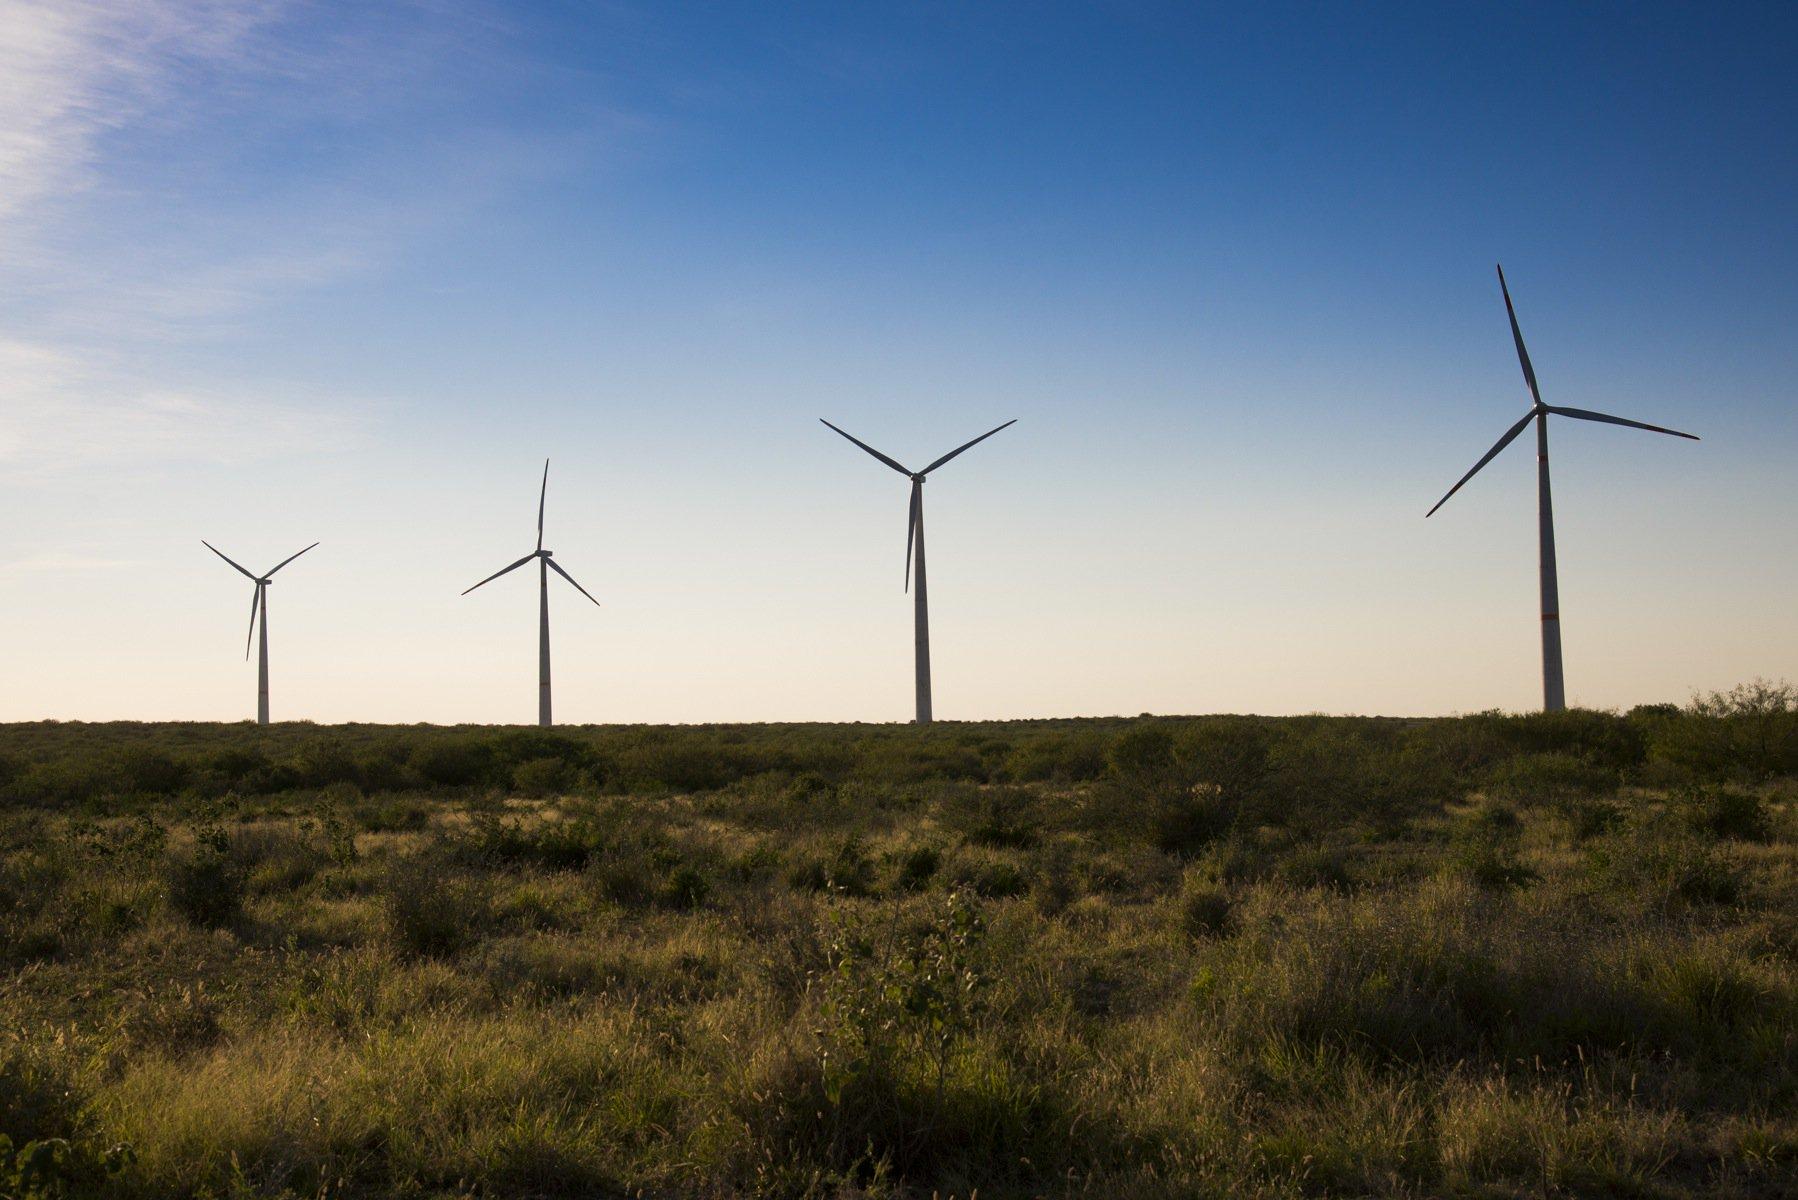 Contiene imagen exterior, hélices para generar energía eólica